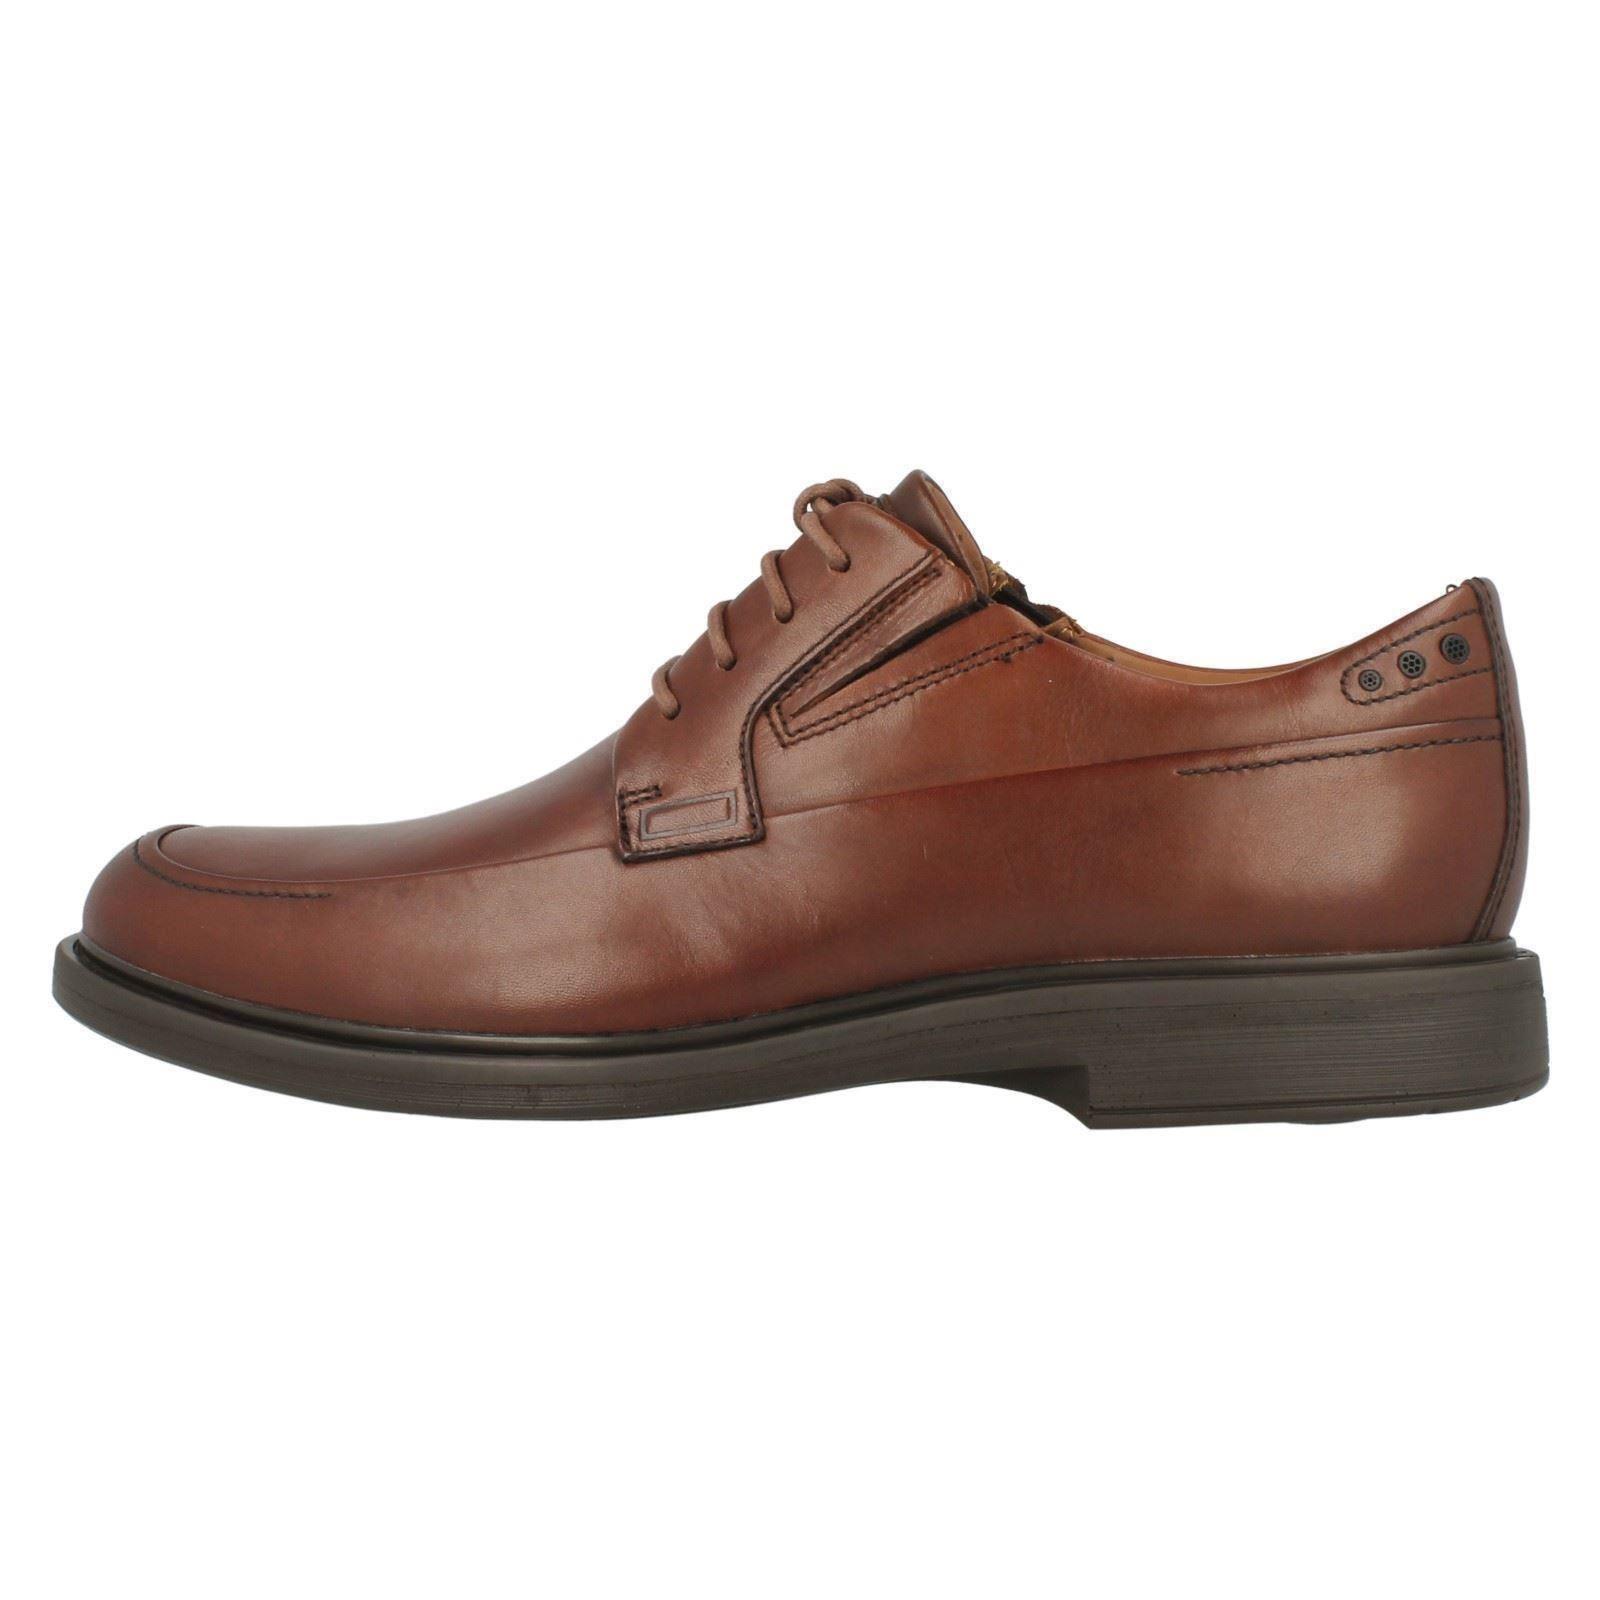 marrón Tan formales Time Zapatos para Drexlar Dark Clarks con cordones hombre zAAv5q0